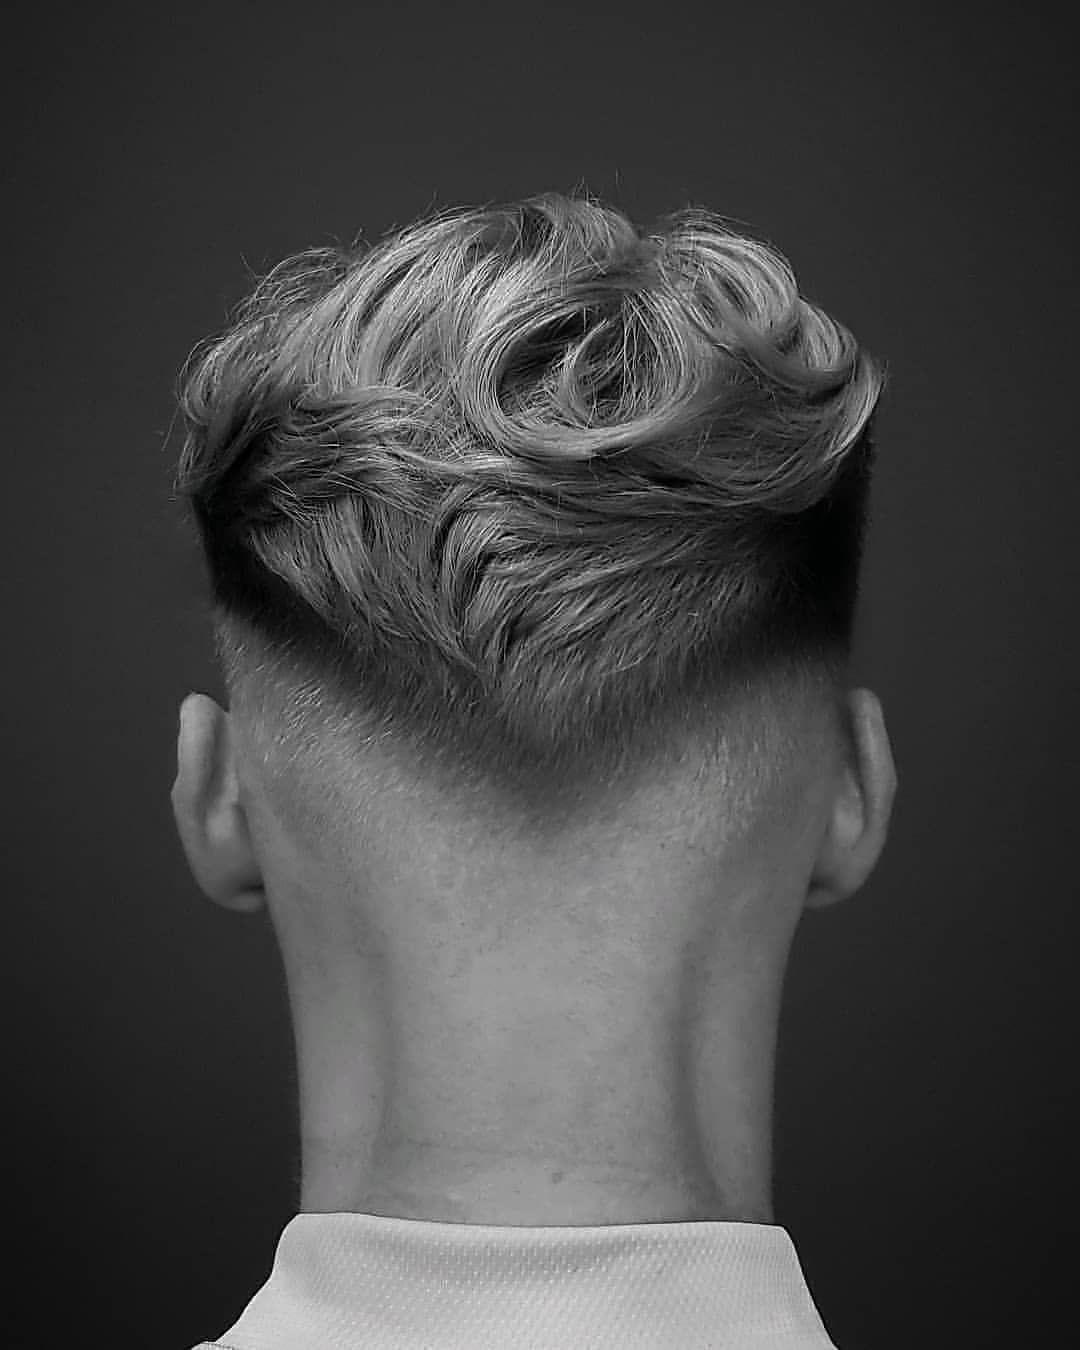 Coiffure Homme Coiffure Homme Coiffeurs Pour Homme Coupes De Cheveux Hommes Modernes